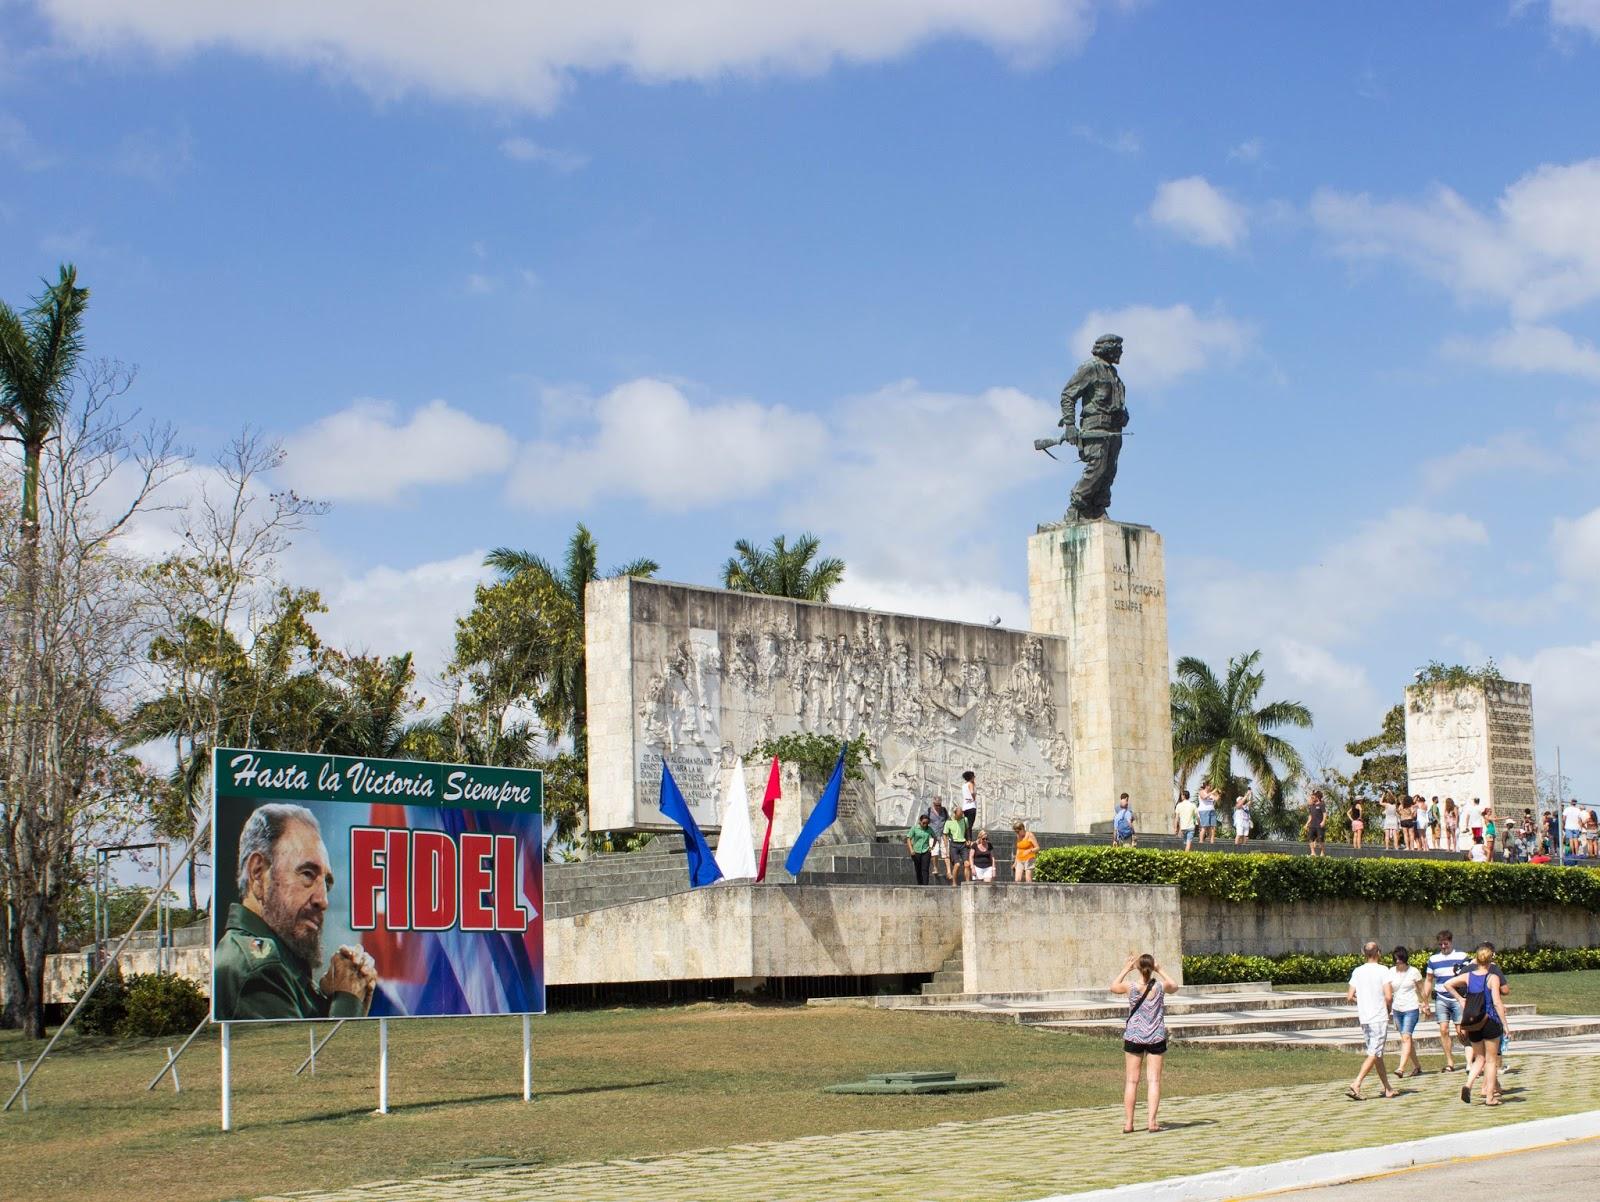 CheGuevara_SantaClara_Cuba_Travel_Guide28129